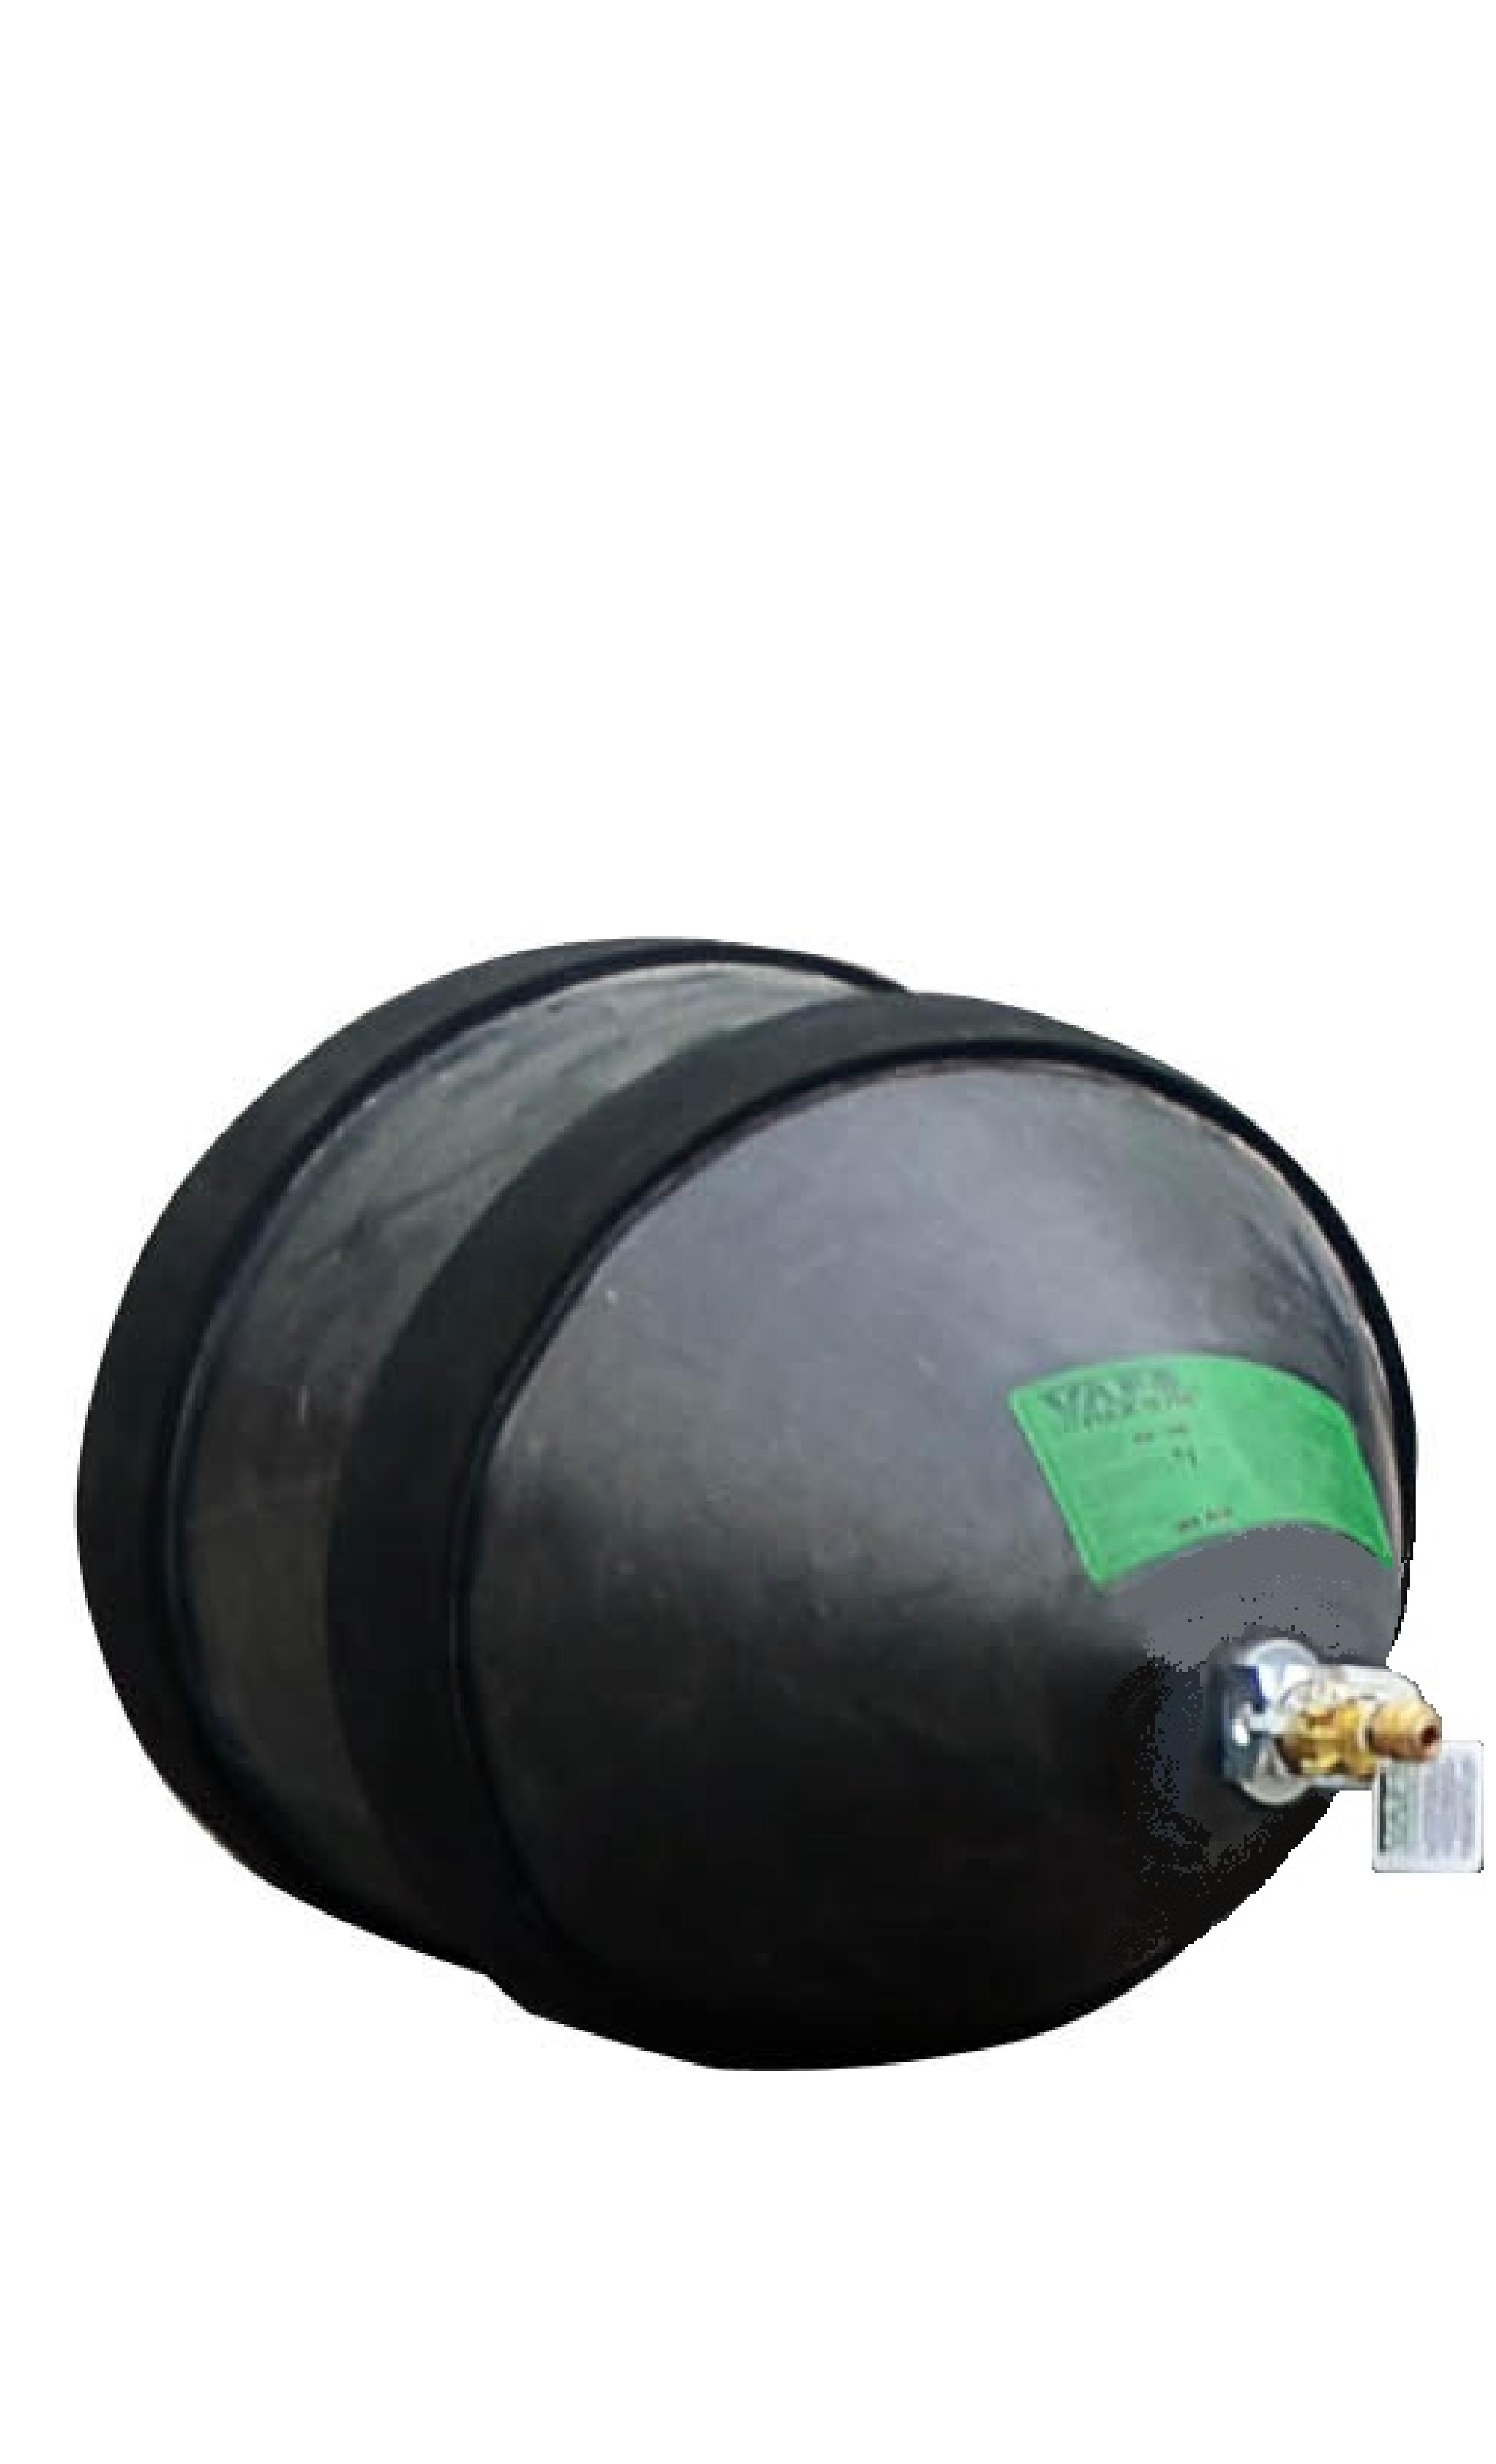 Konus-Rohrdichtkissen KD 25/60   1,0 bar